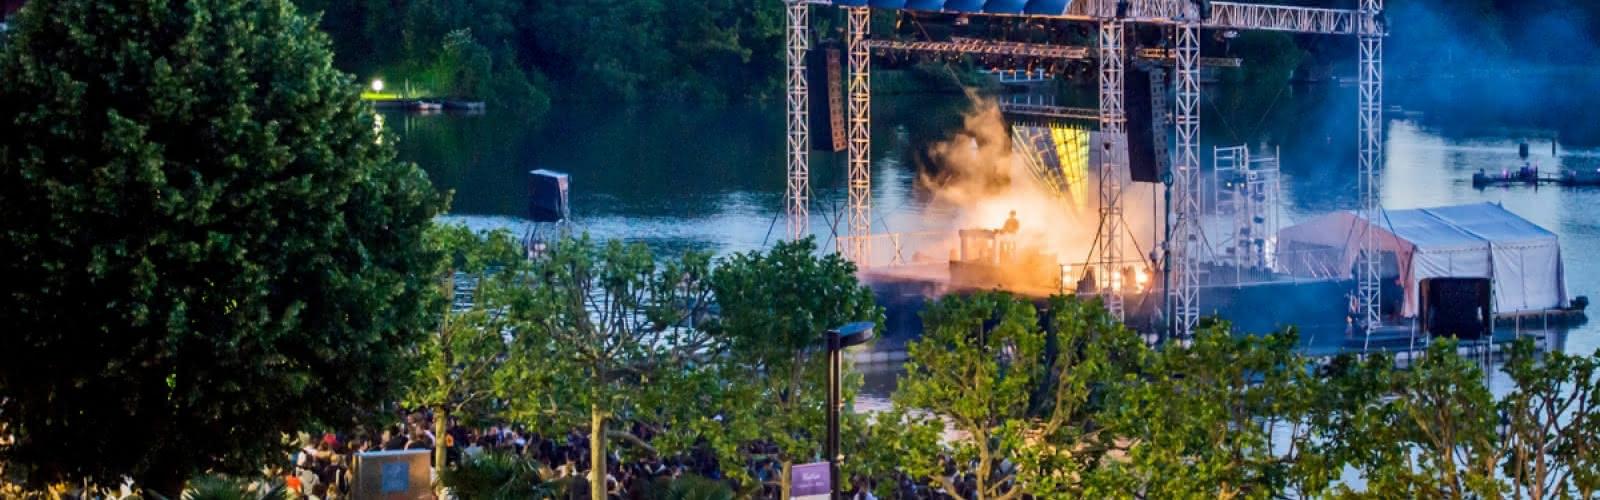 Concert sur la scène flottante lac d'Enghien-les-Bains